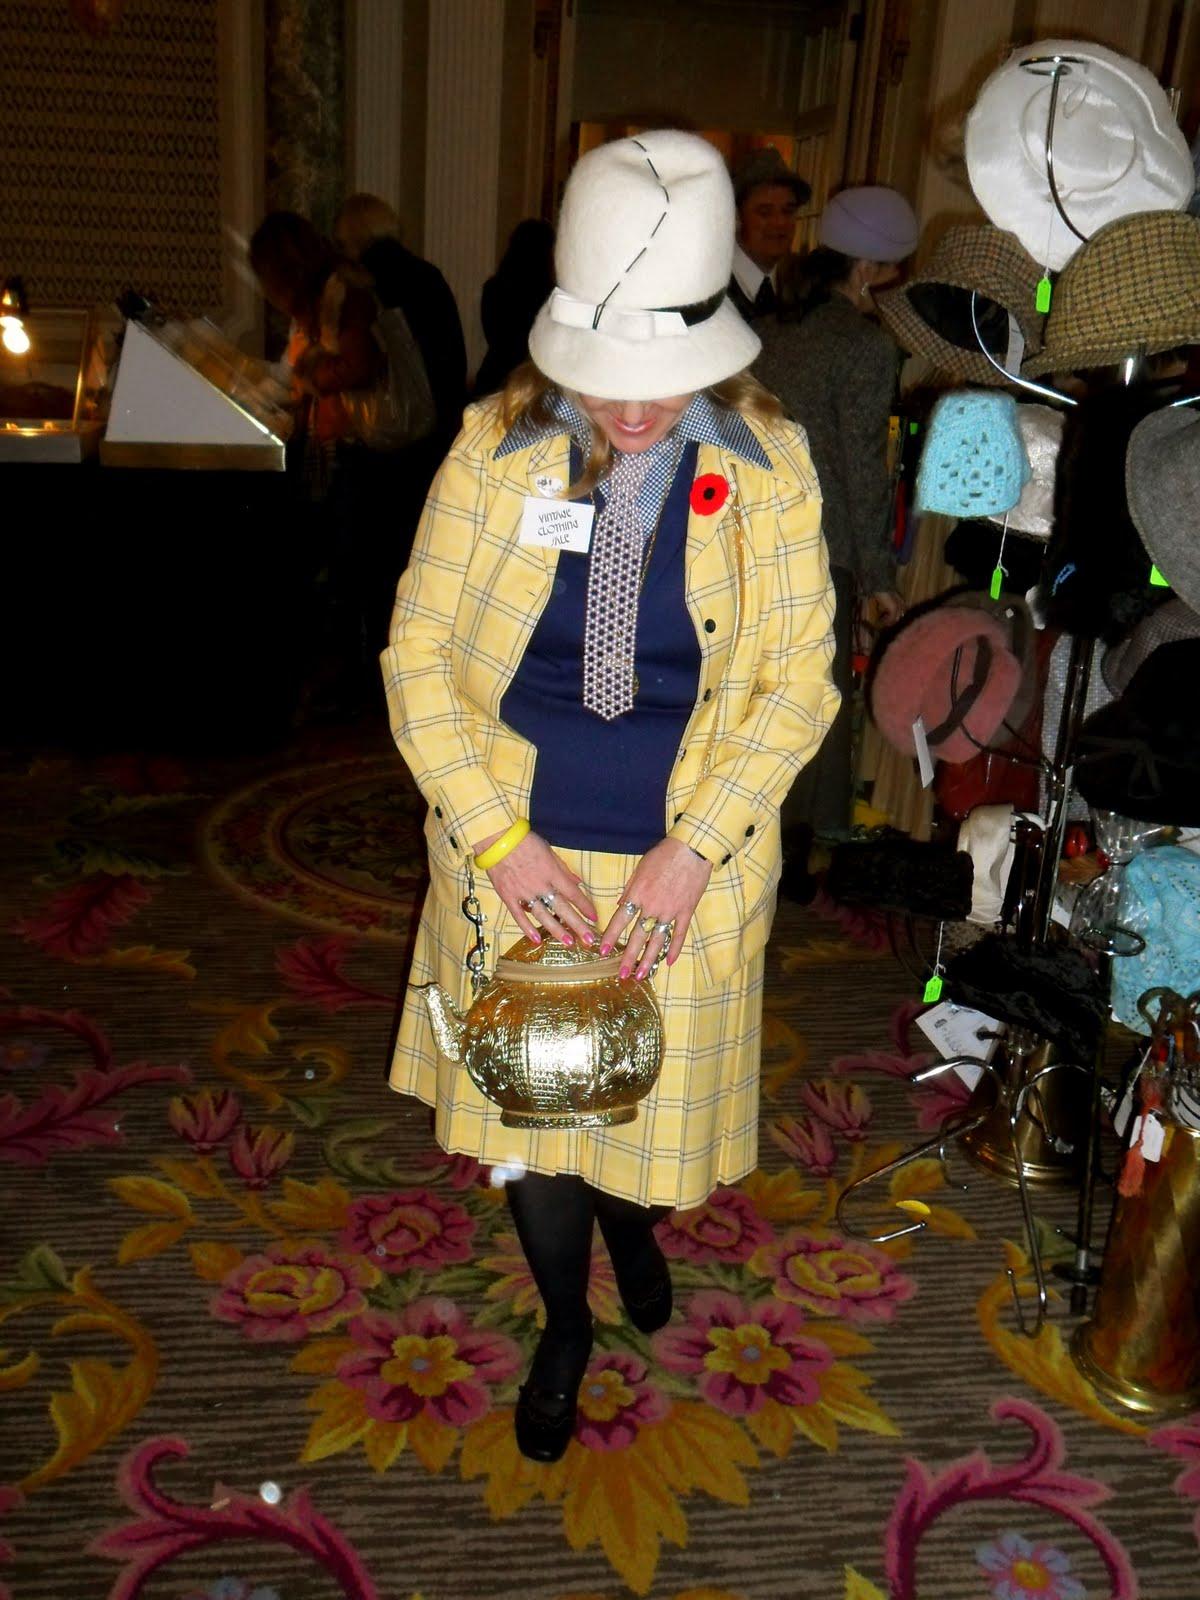 Chateau laurier vintage clothing sale